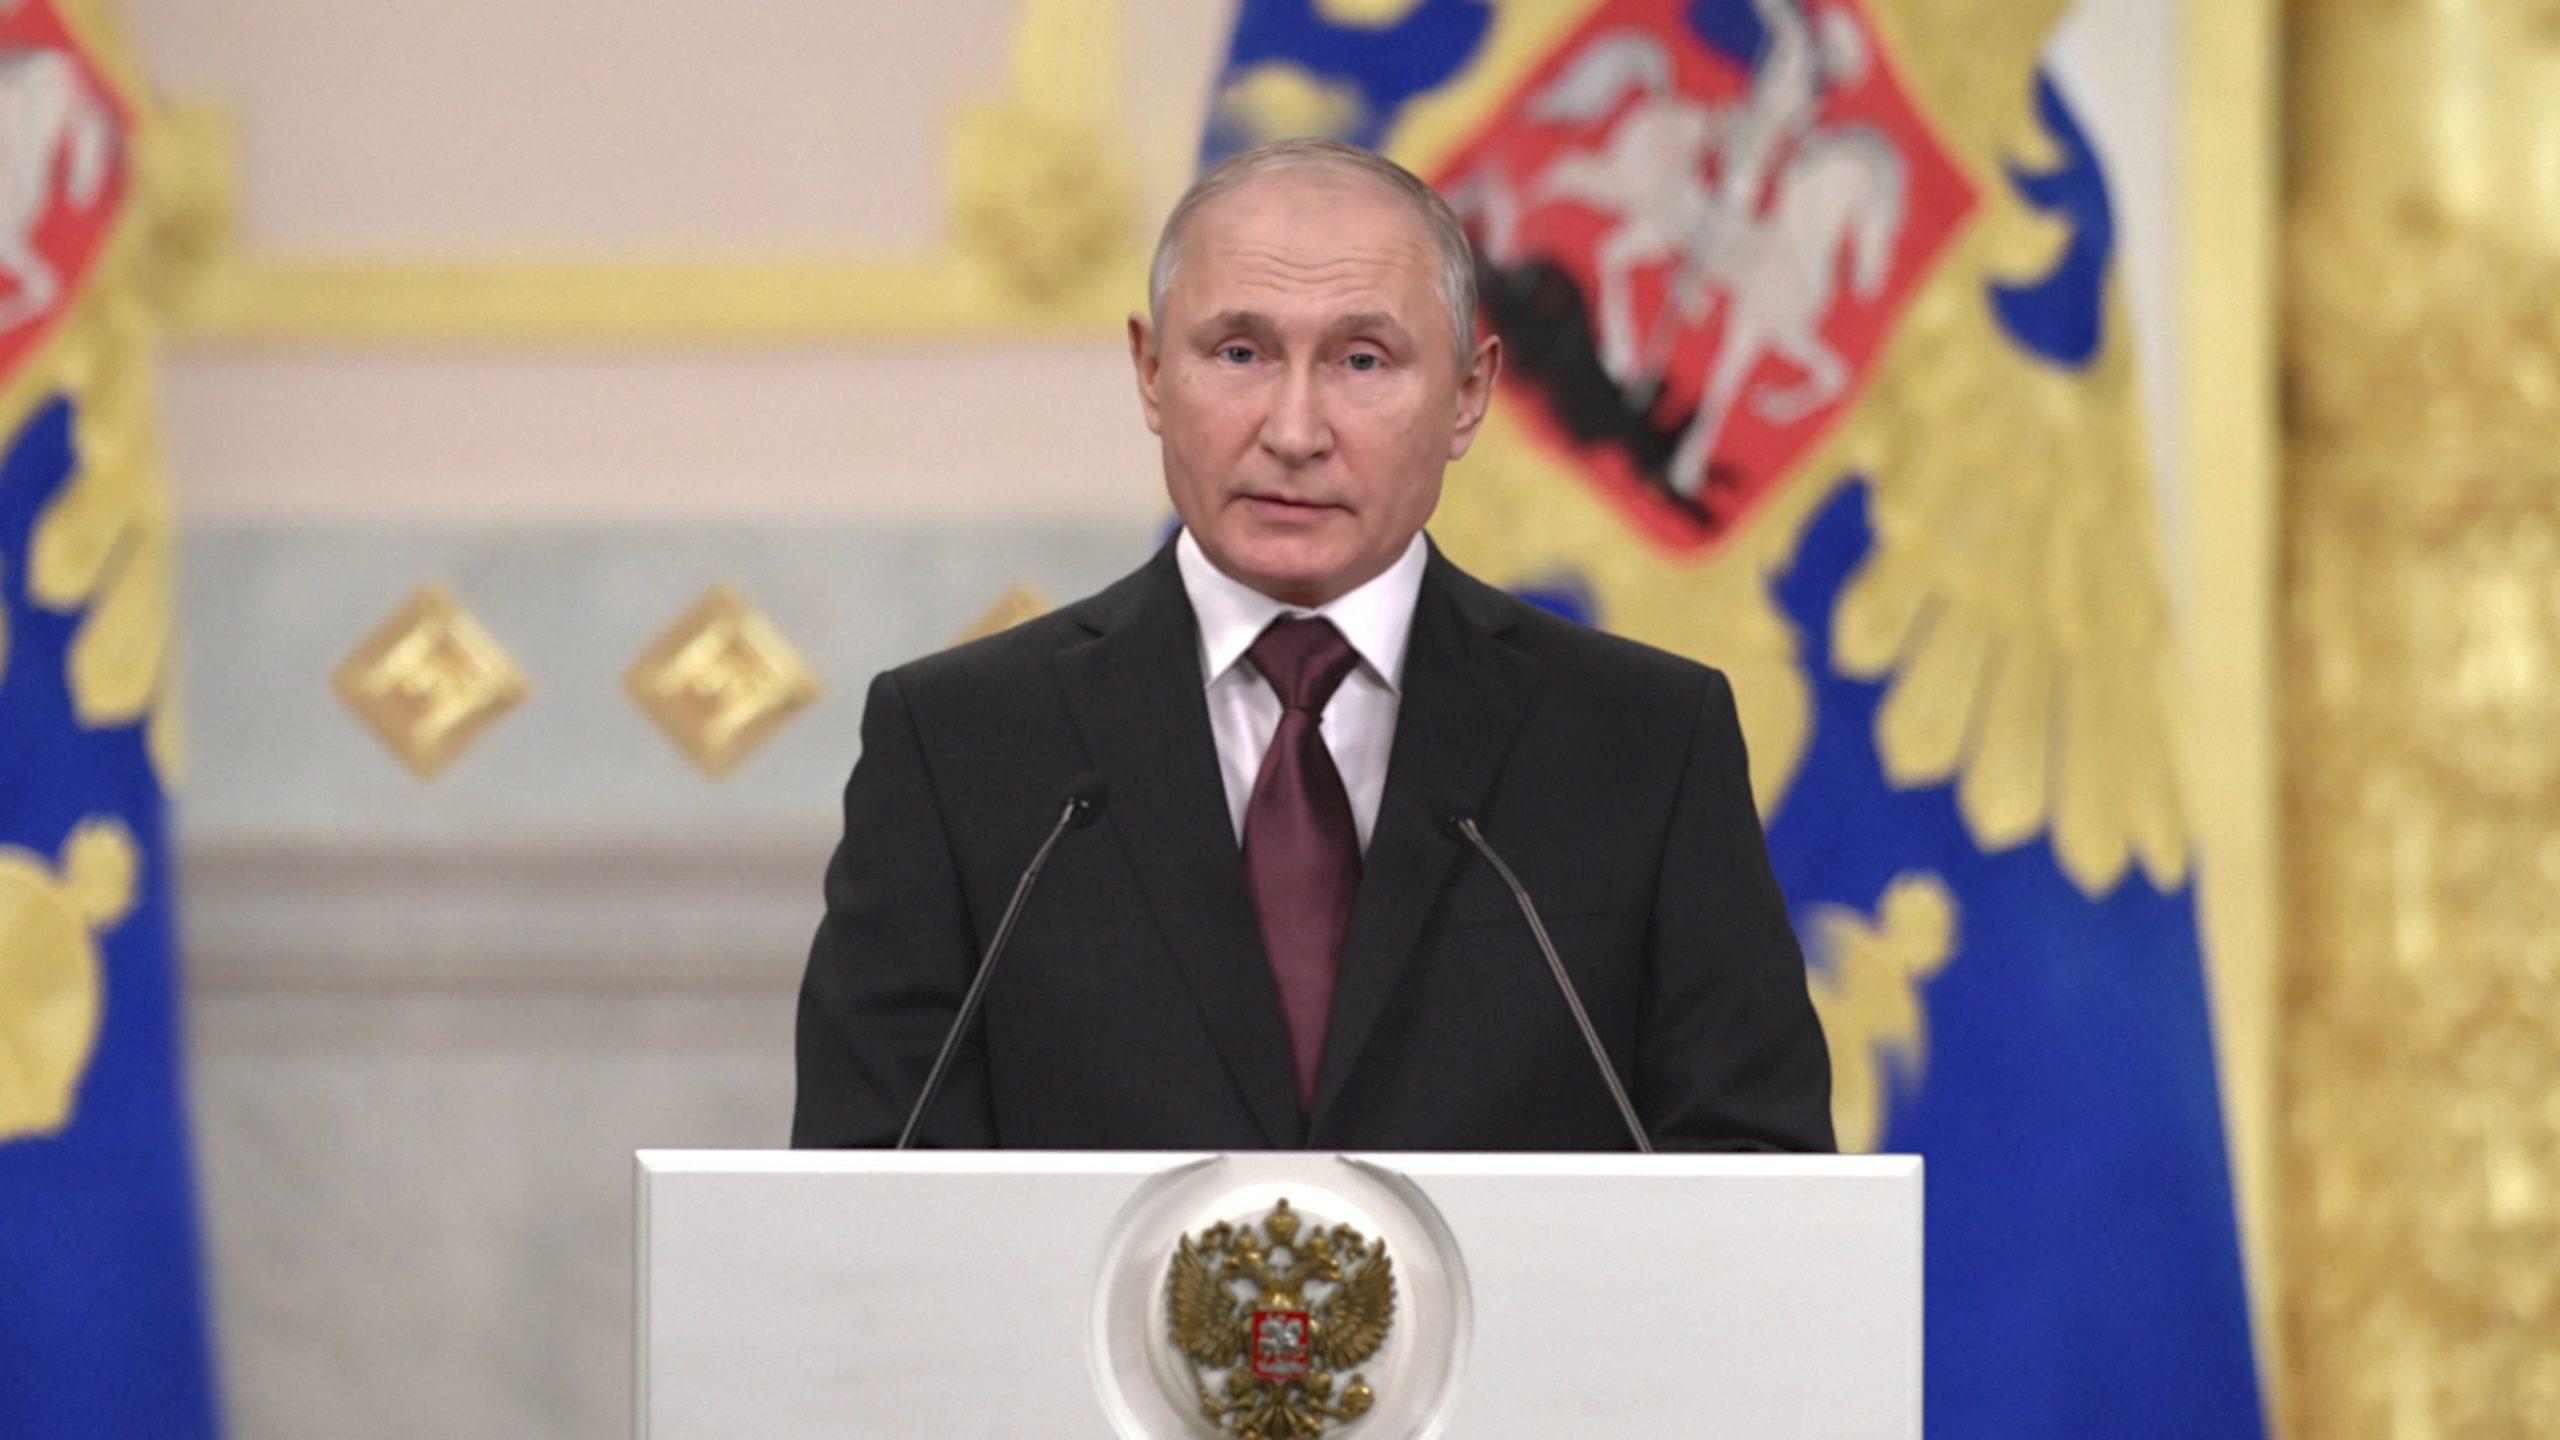 偽プーチンと金正恩が出演するディープフェイク広告、放送中止に